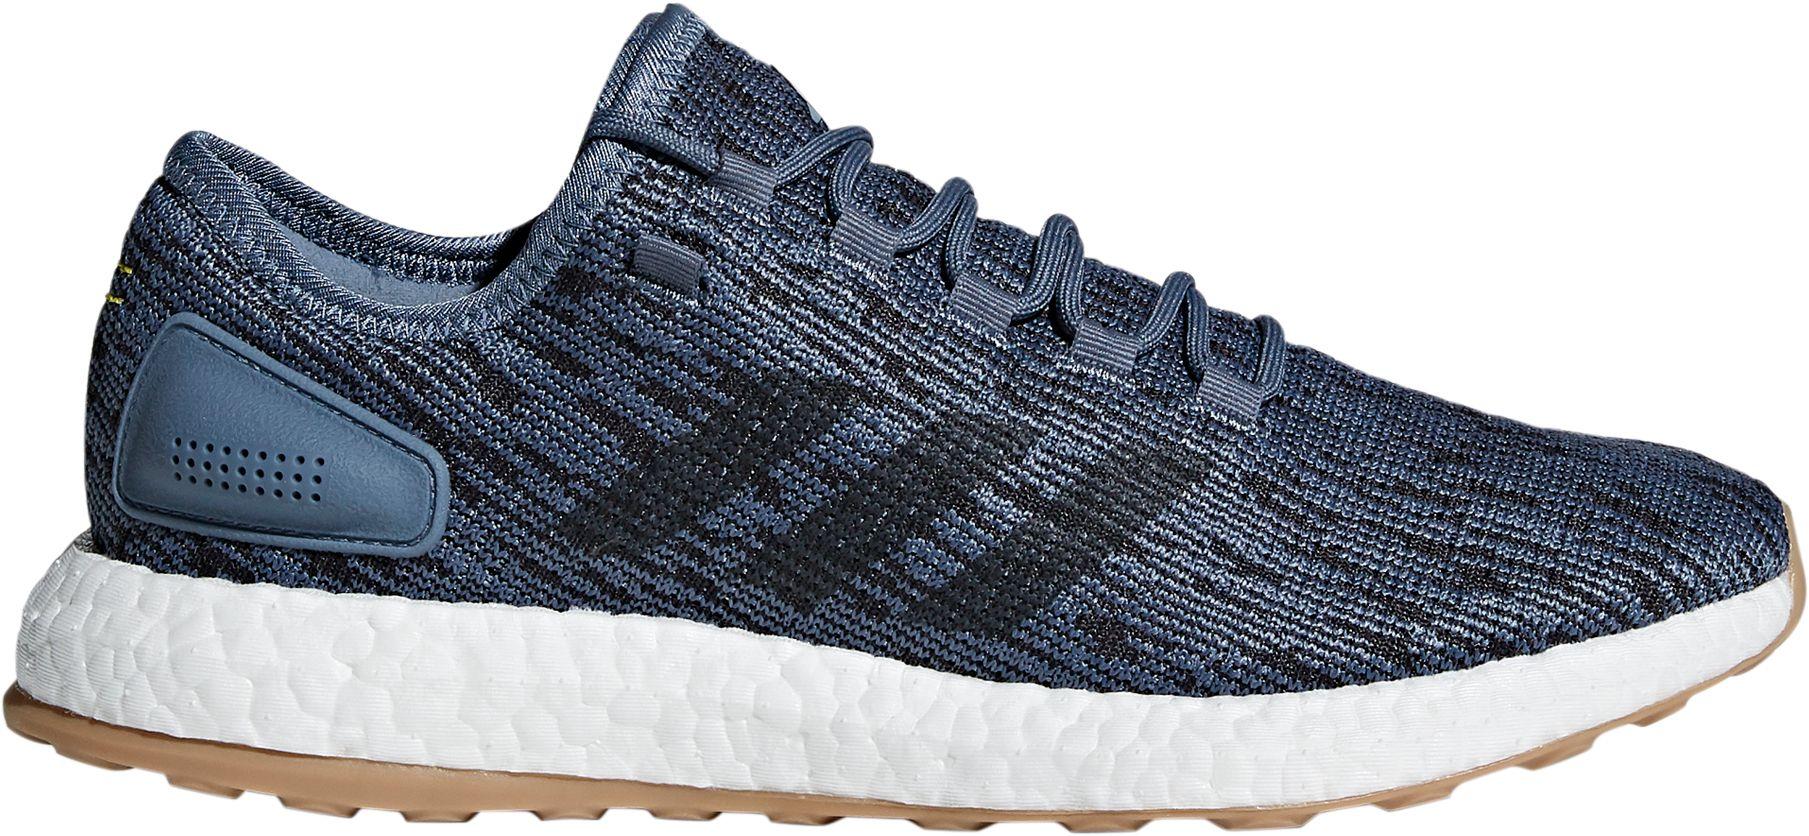 Adidas uomini pureboost scarpe da sportivi corsa dick articoli sportivi da 21399d